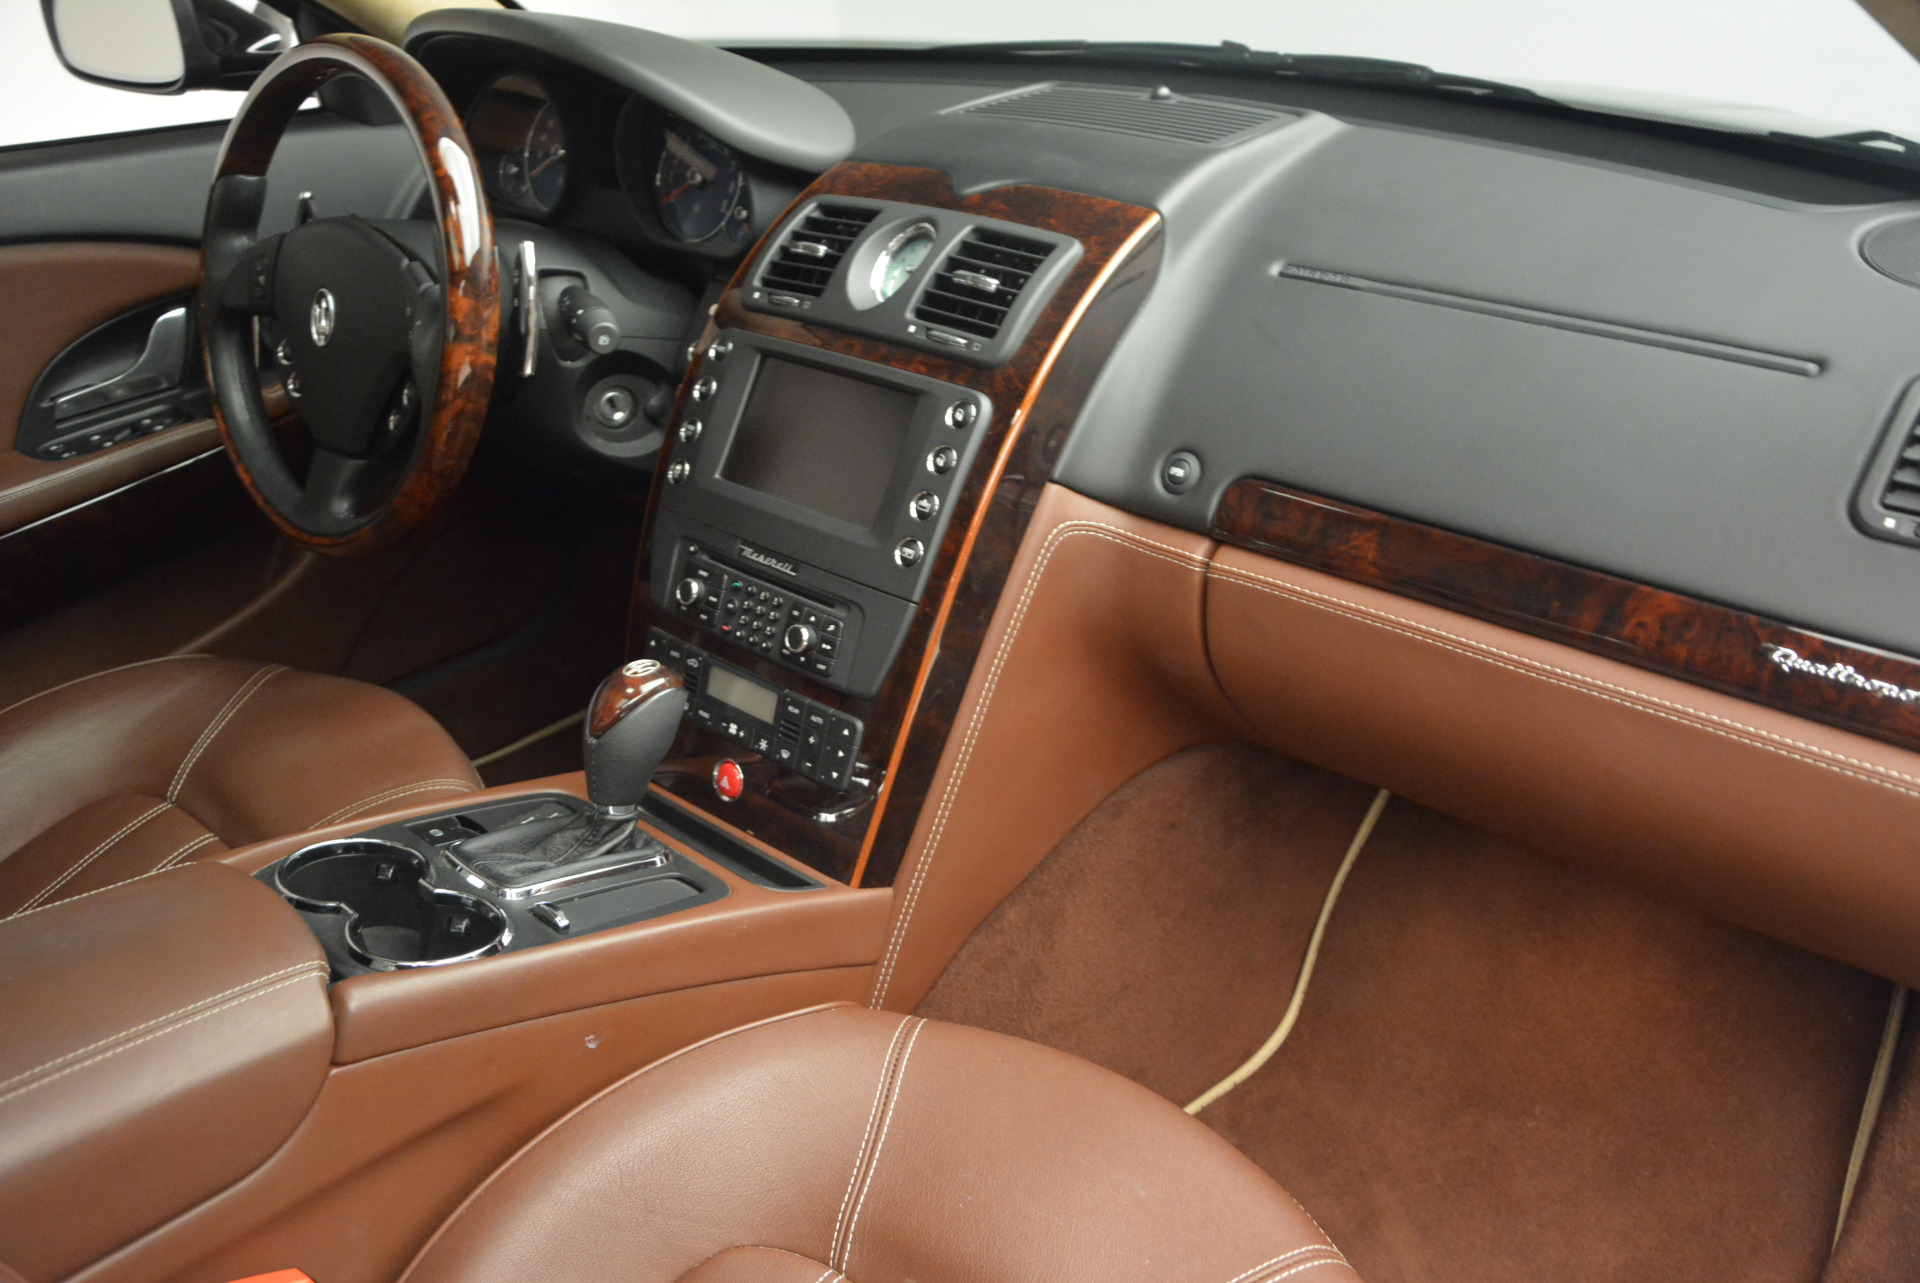 Used 2013 Maserati Quattroporte S For Sale In Greenwich, CT 1012_p22